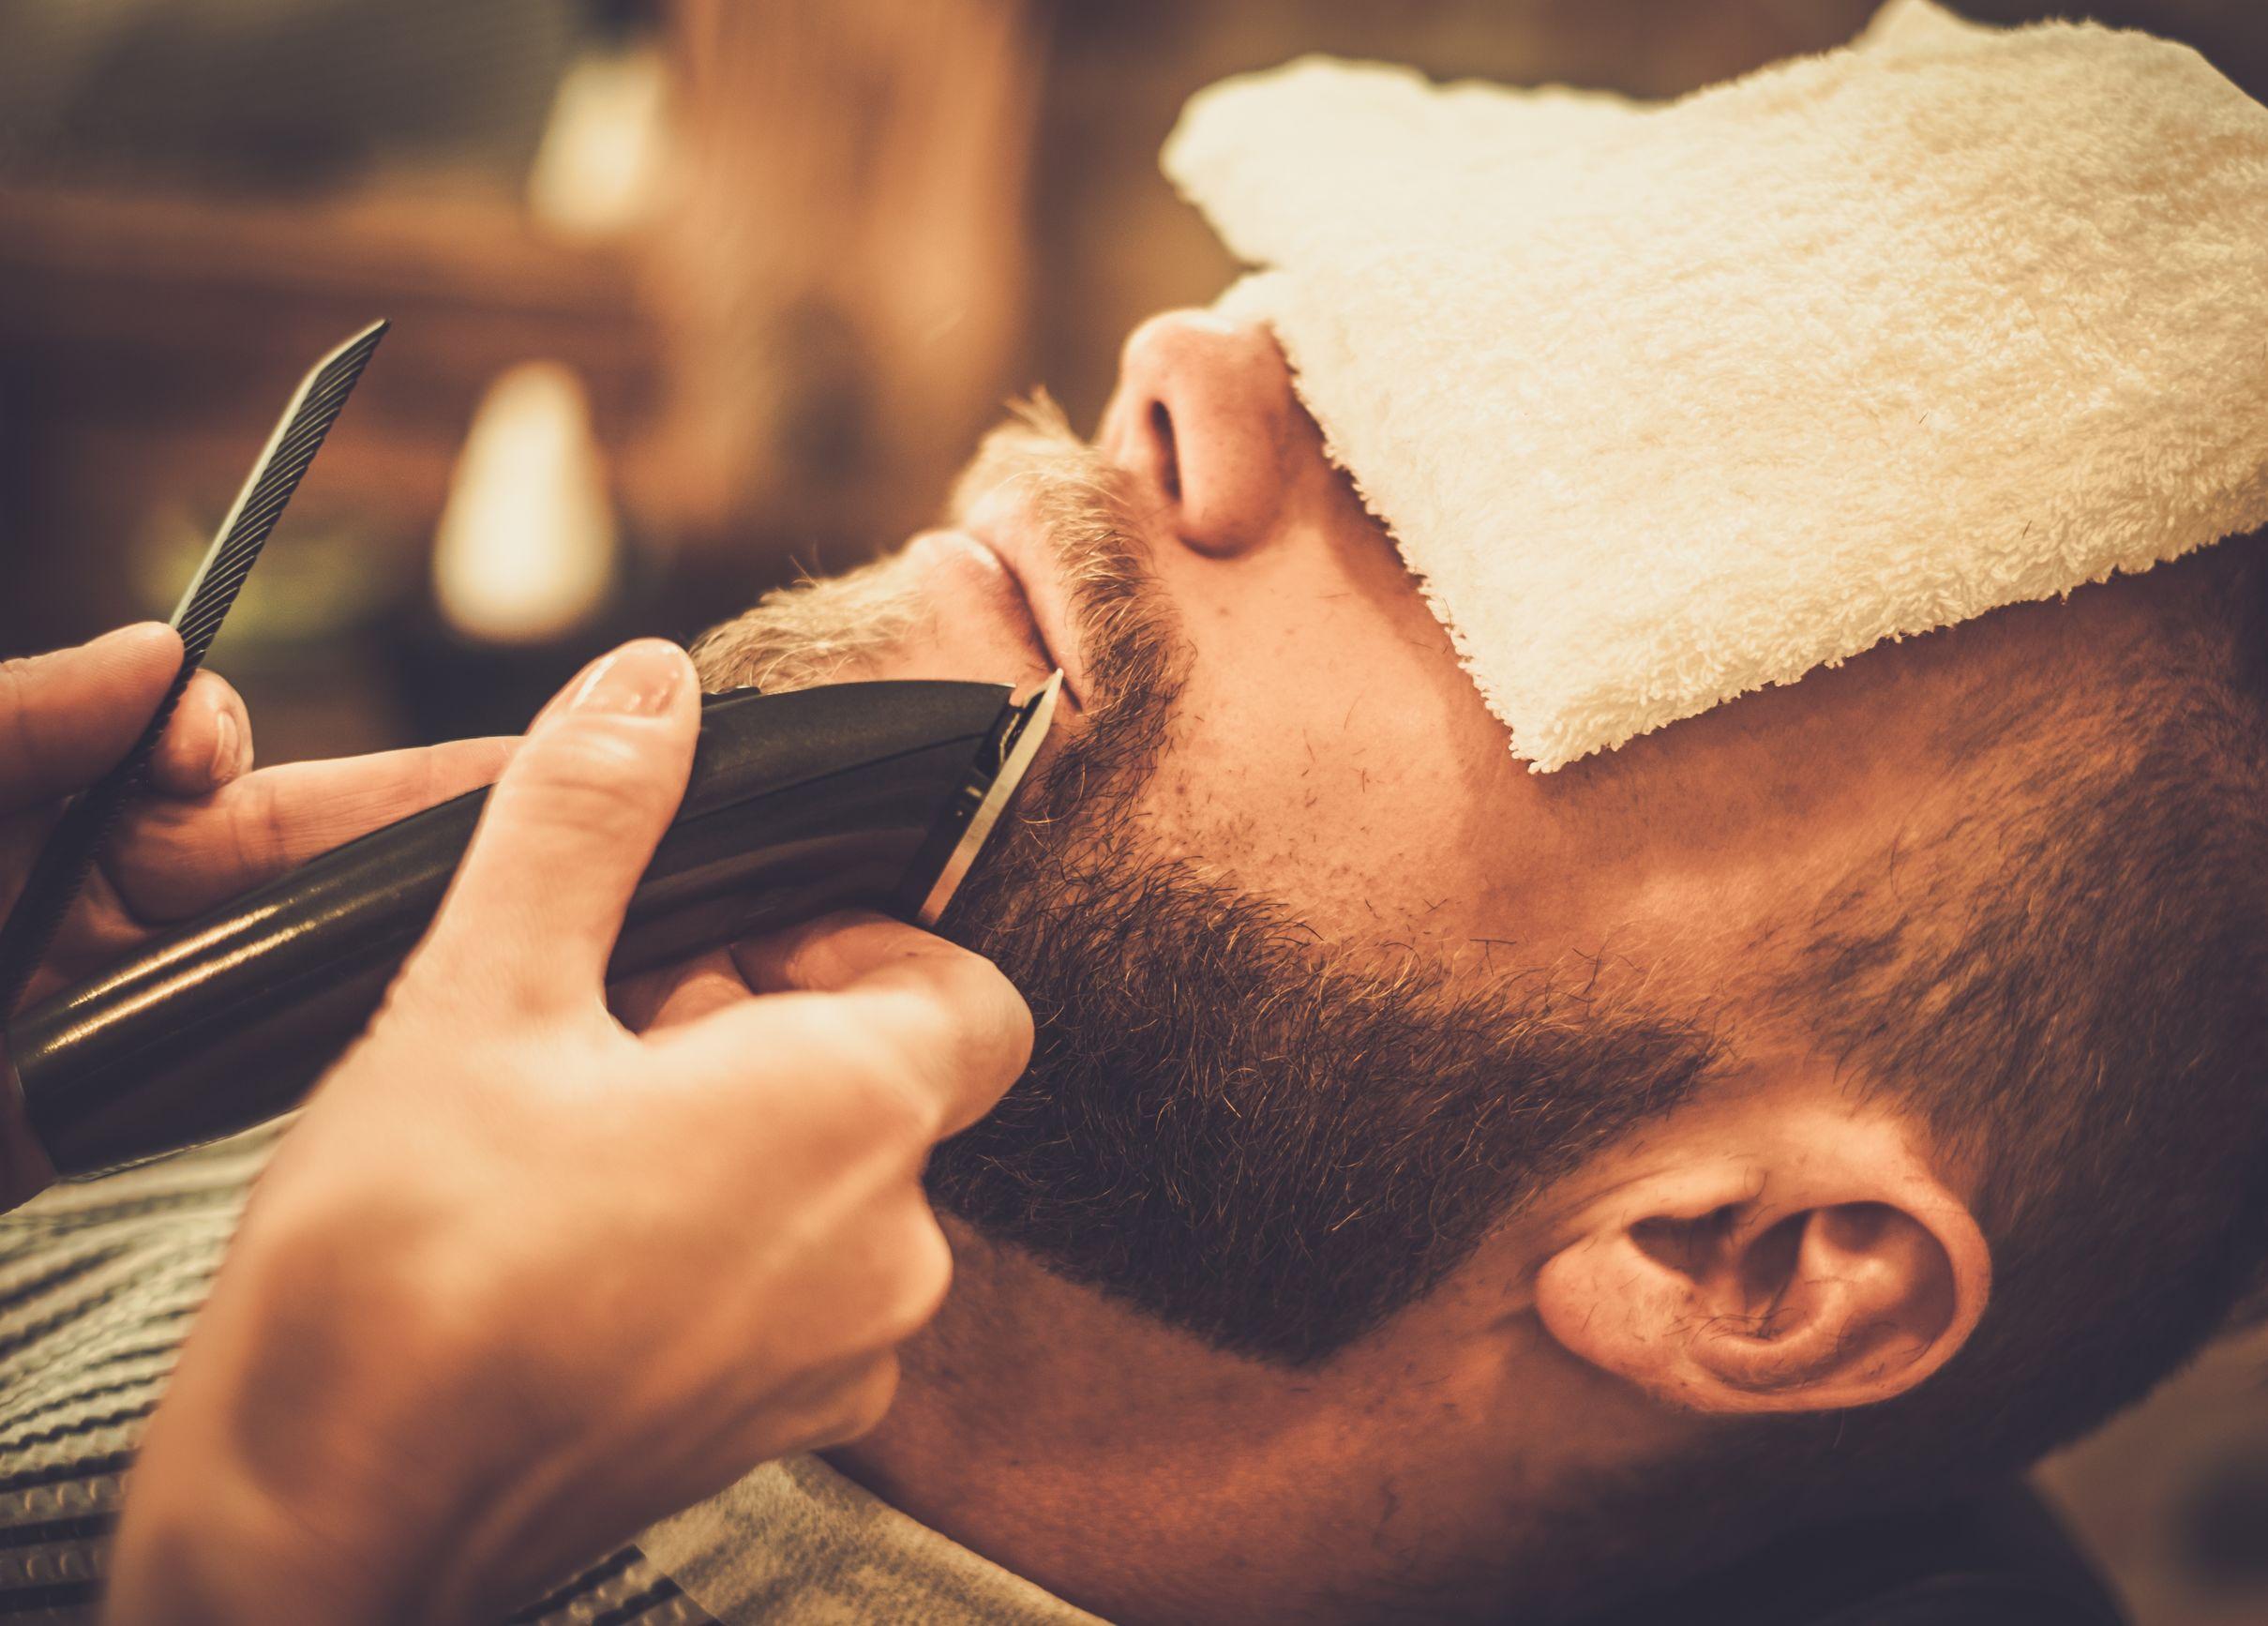 Barbeiro passando a máquina na barba de um homem